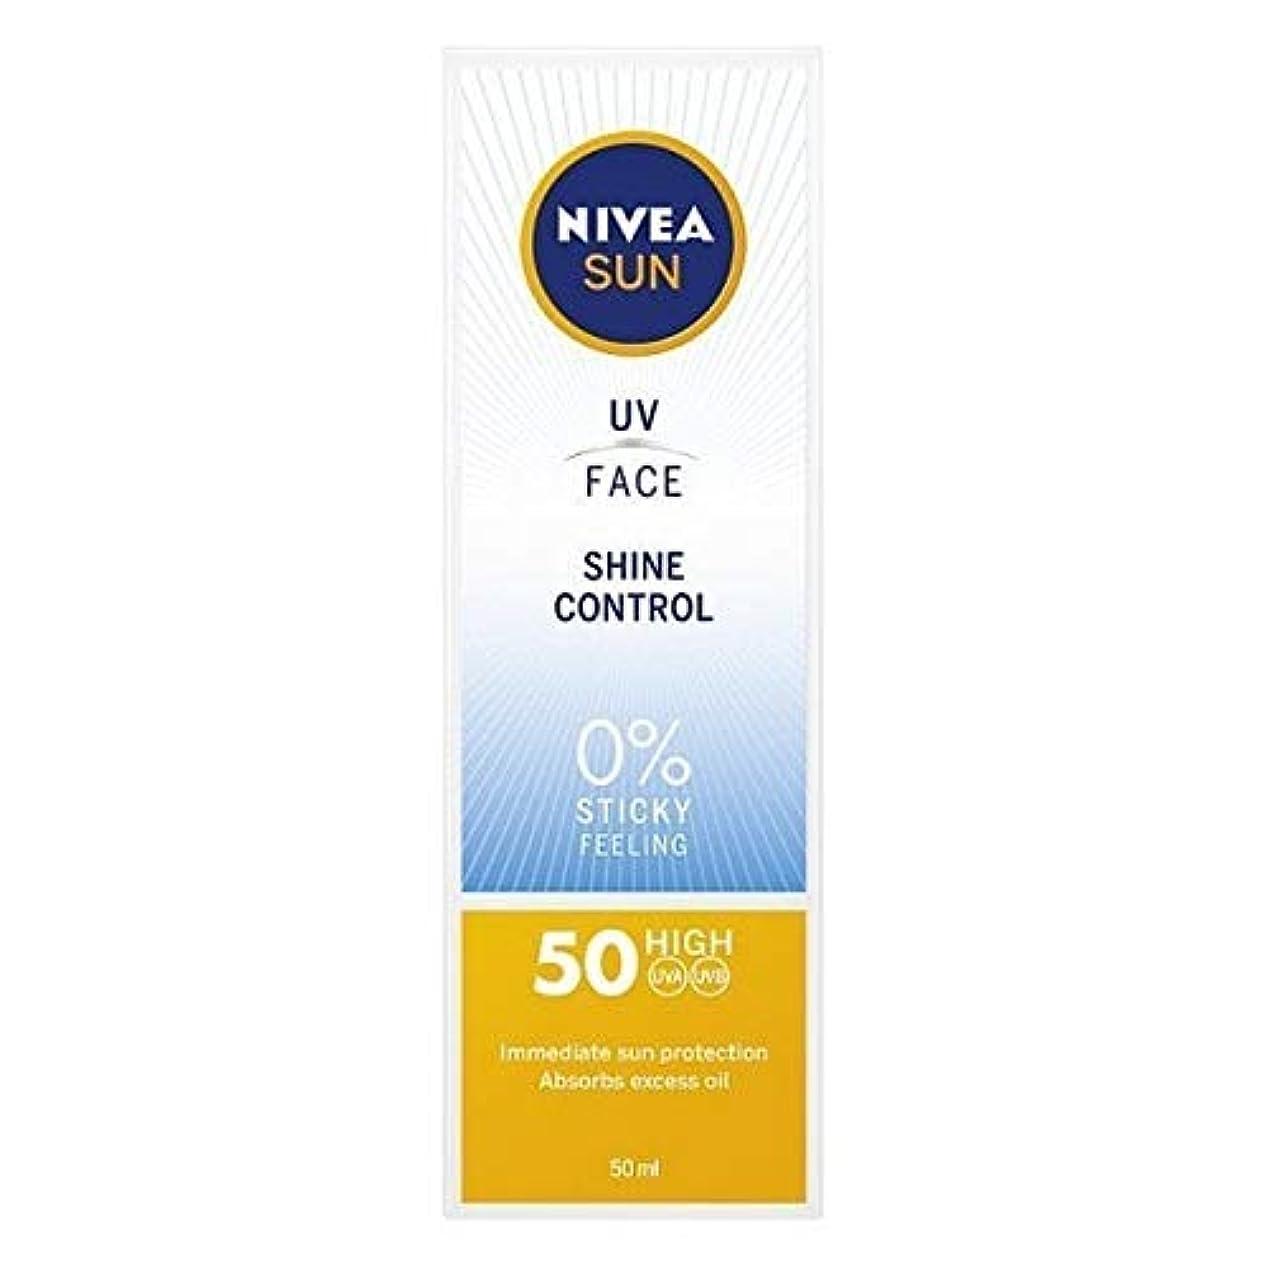 機械的に残り物ラウズ[Nivea ] ニベアサンUv顔日焼け止めクリームのSpf 50、輝き制御、50ミリリットル - NIVEA SUN UV Face Suncream SPF 50, Shine Control, 50ml [並行輸入品]